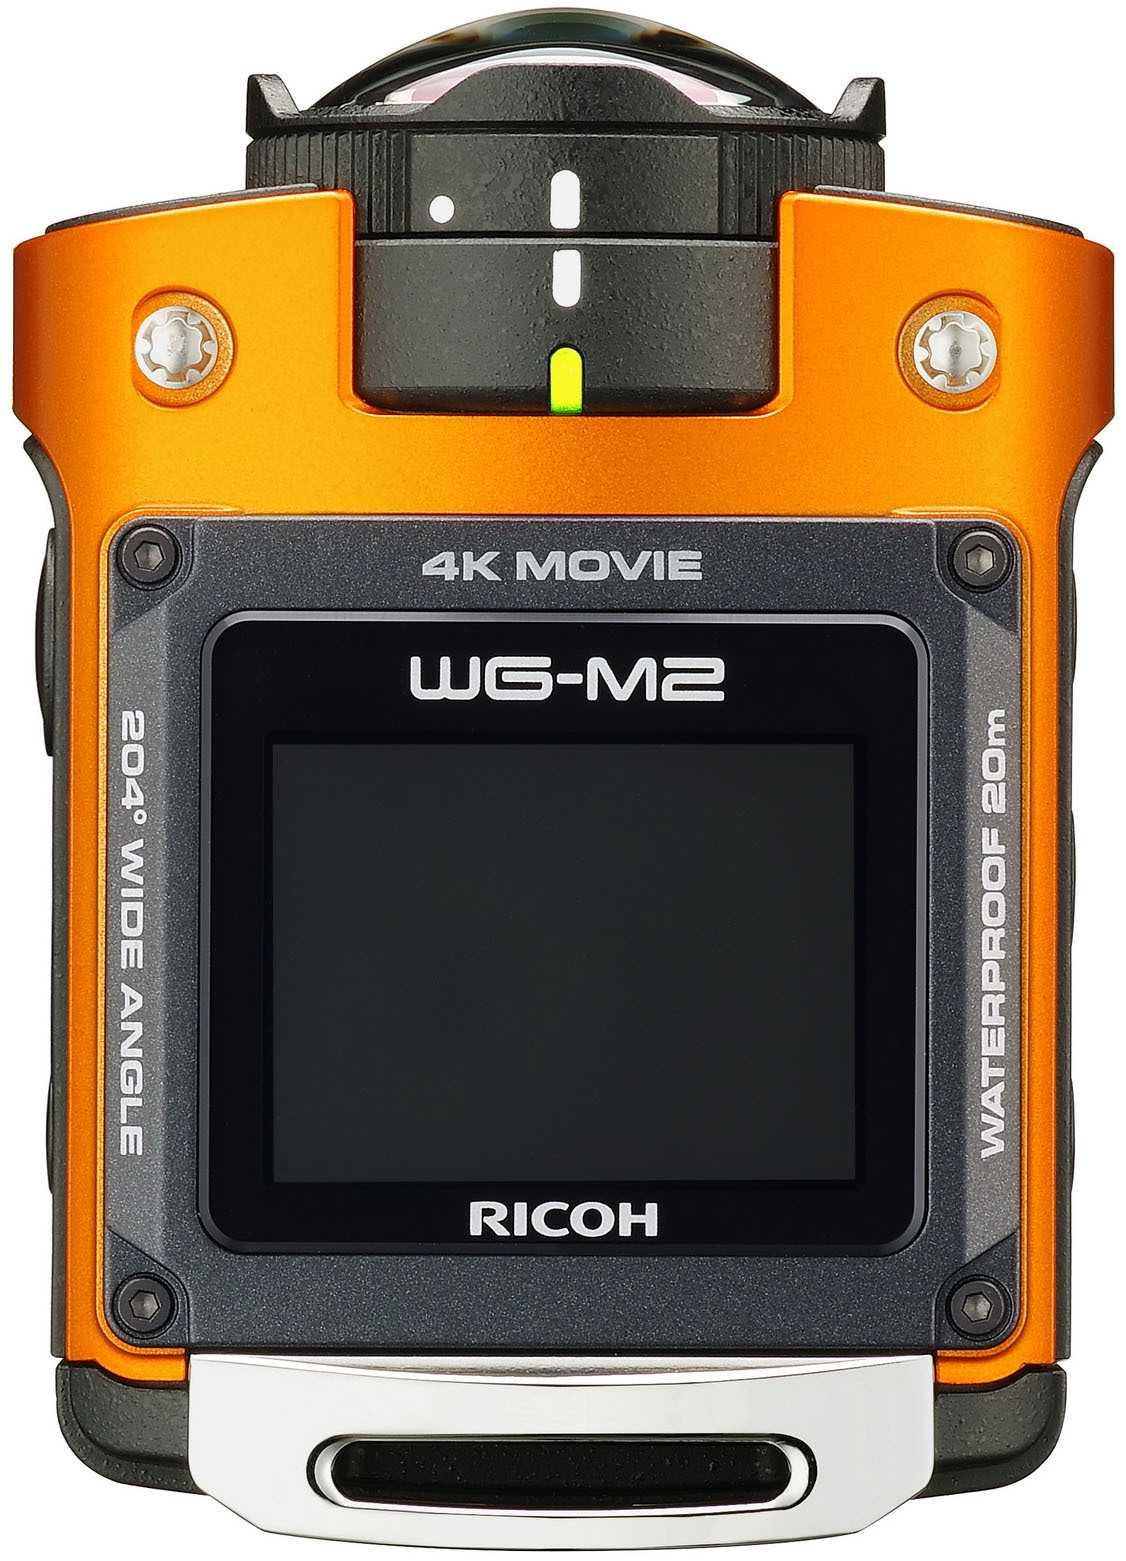 Die Brennweite der WG-M2 entspricht 9 mm an Kleinbild.